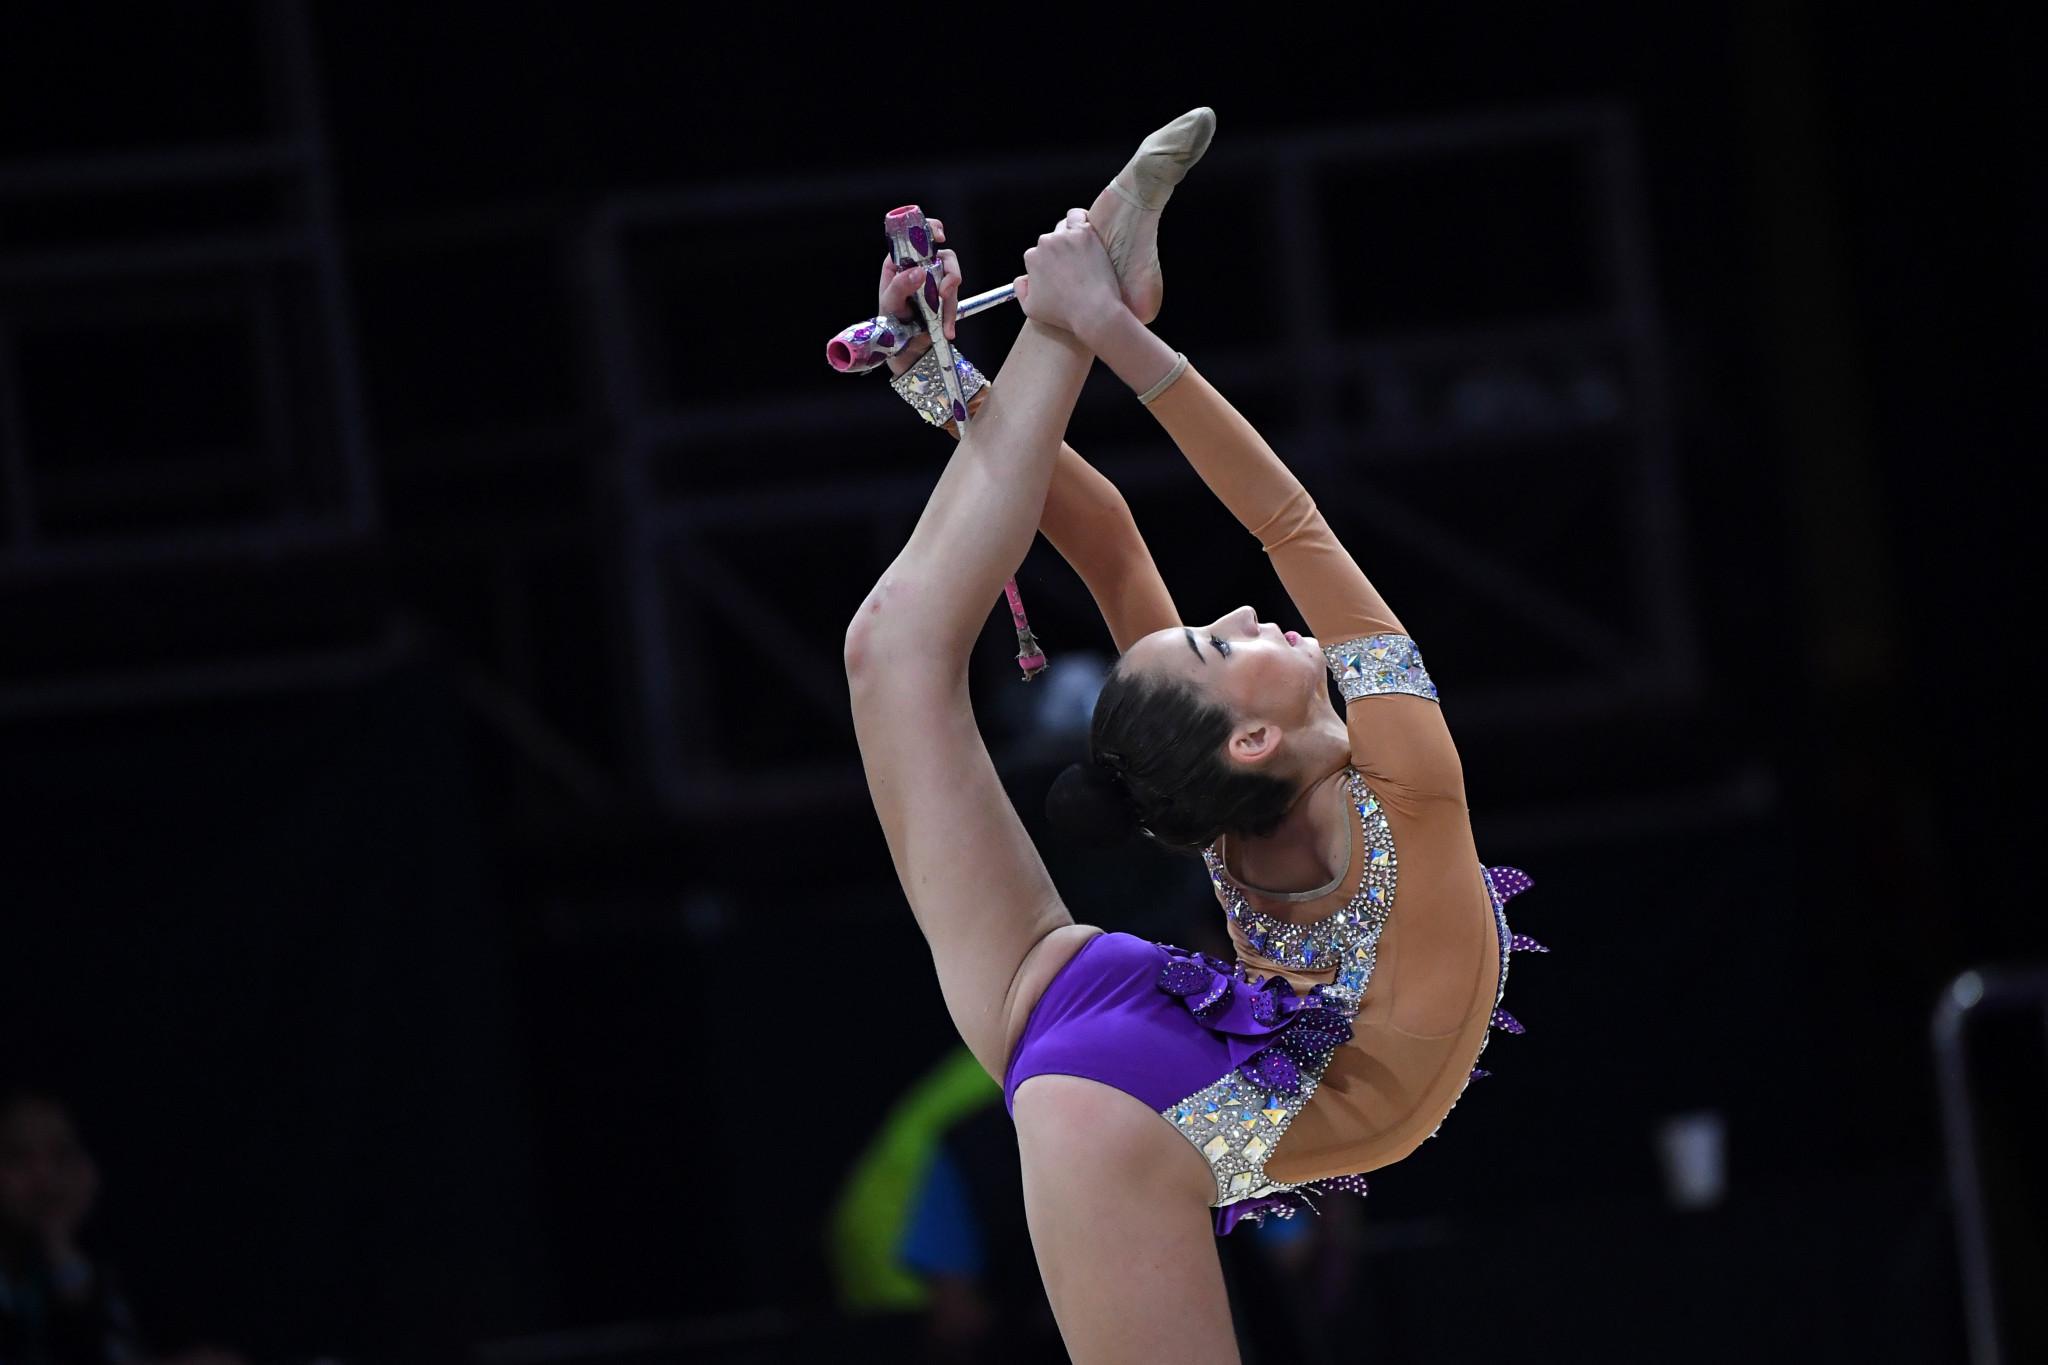 Adilkhanova and Zhao win individual apparatus titles at Asian Rhythmic Gymnastics Championships